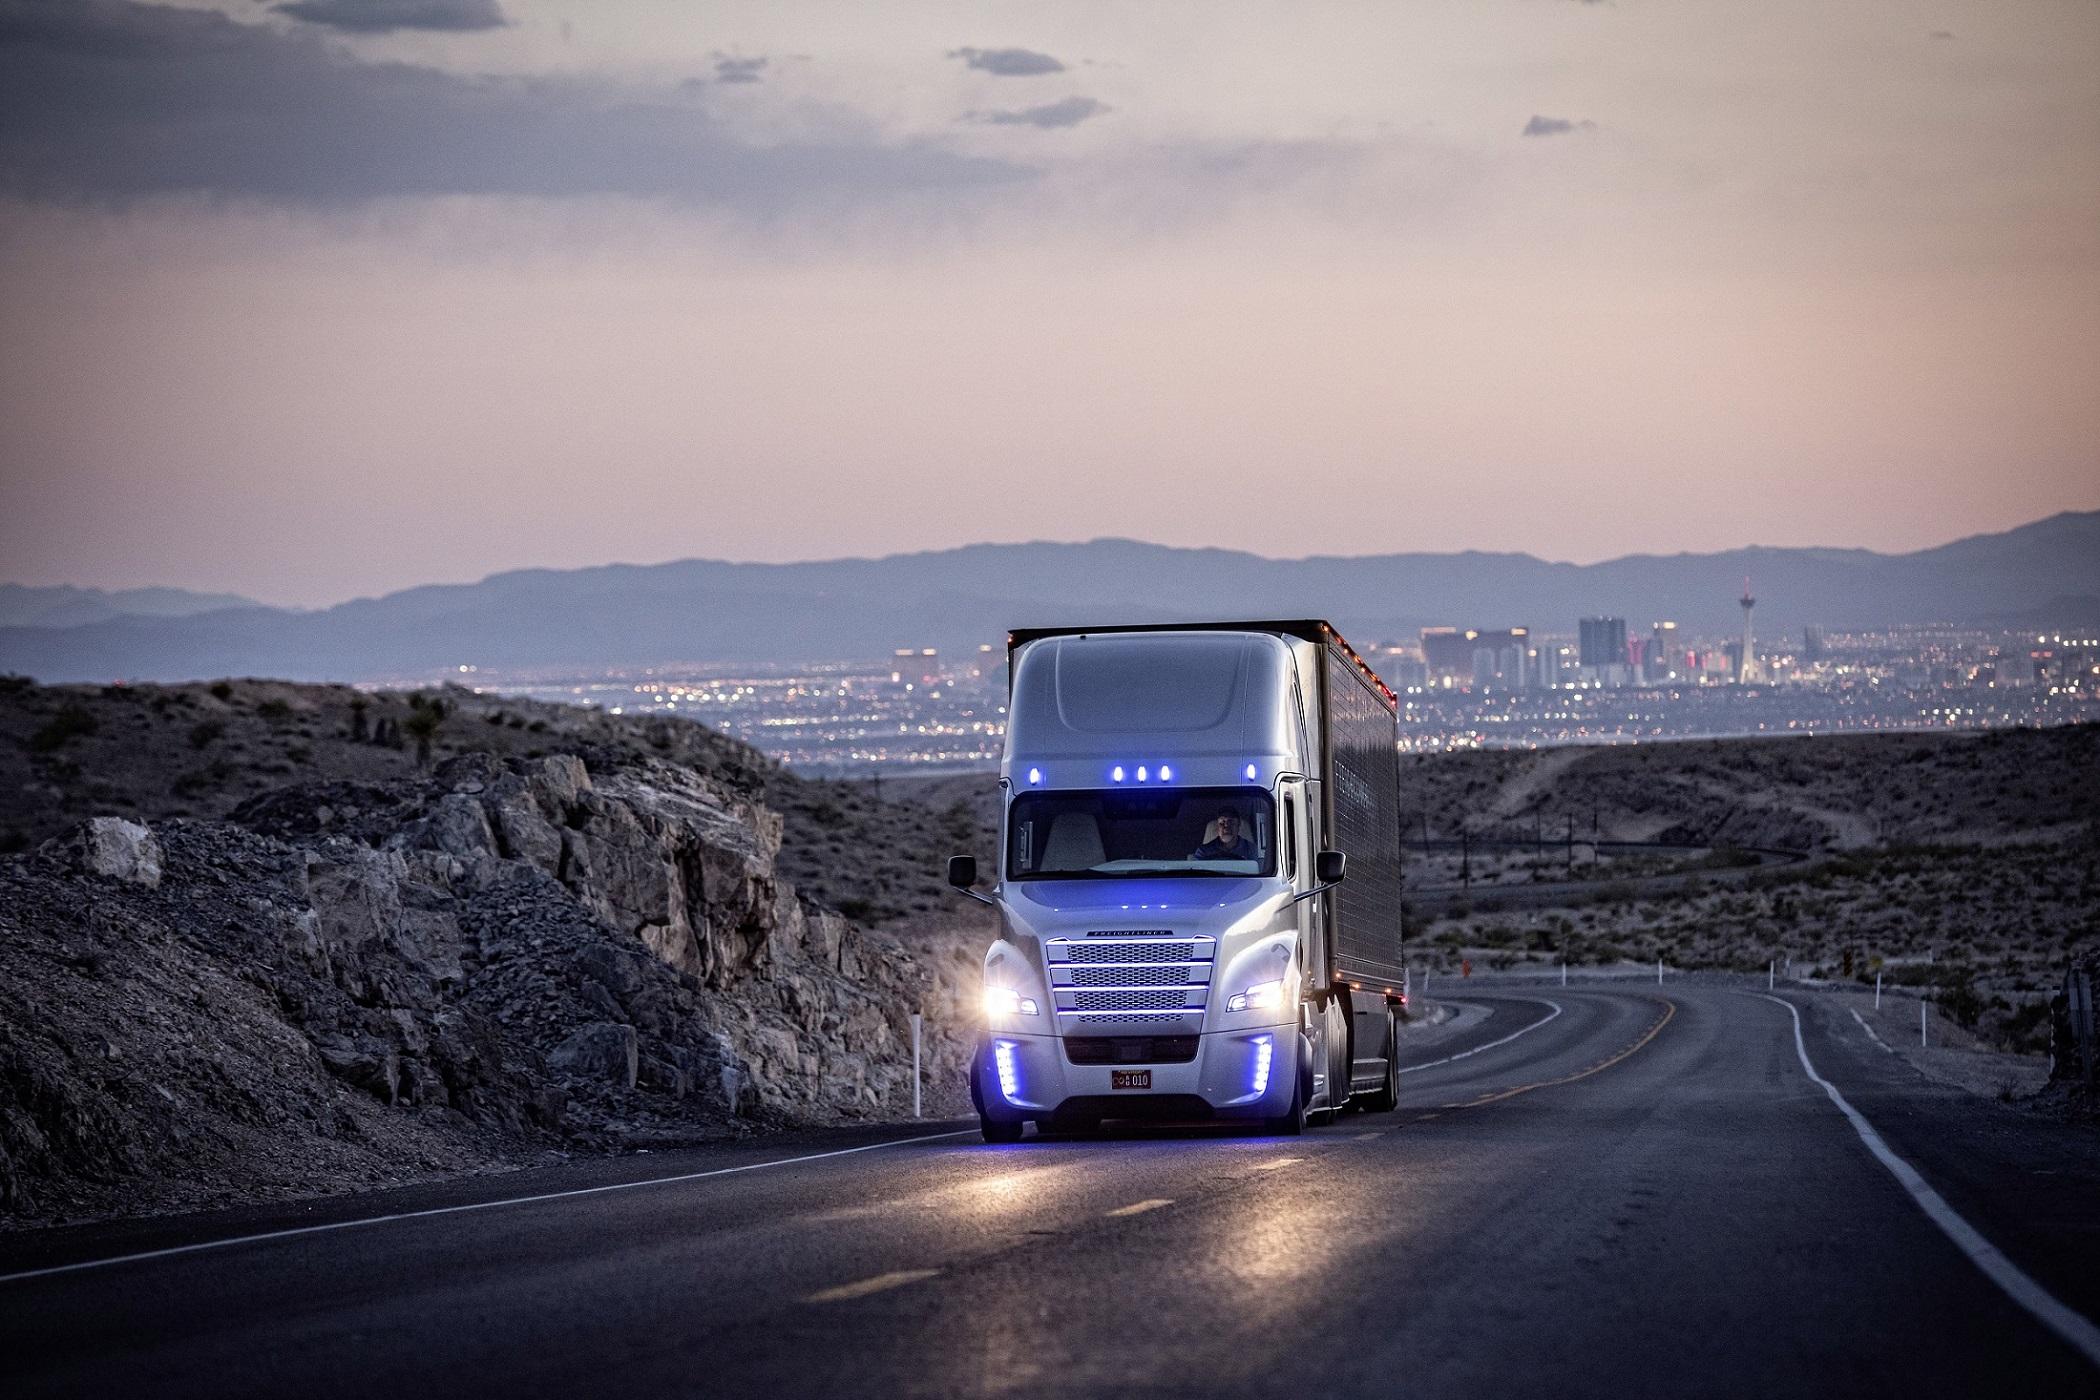 daimler-kamyon-grubu,-ileri-otonom-suruse-500-milyon-avroluk-yatirim-ile-liderlik-ediyor-(2).jpg